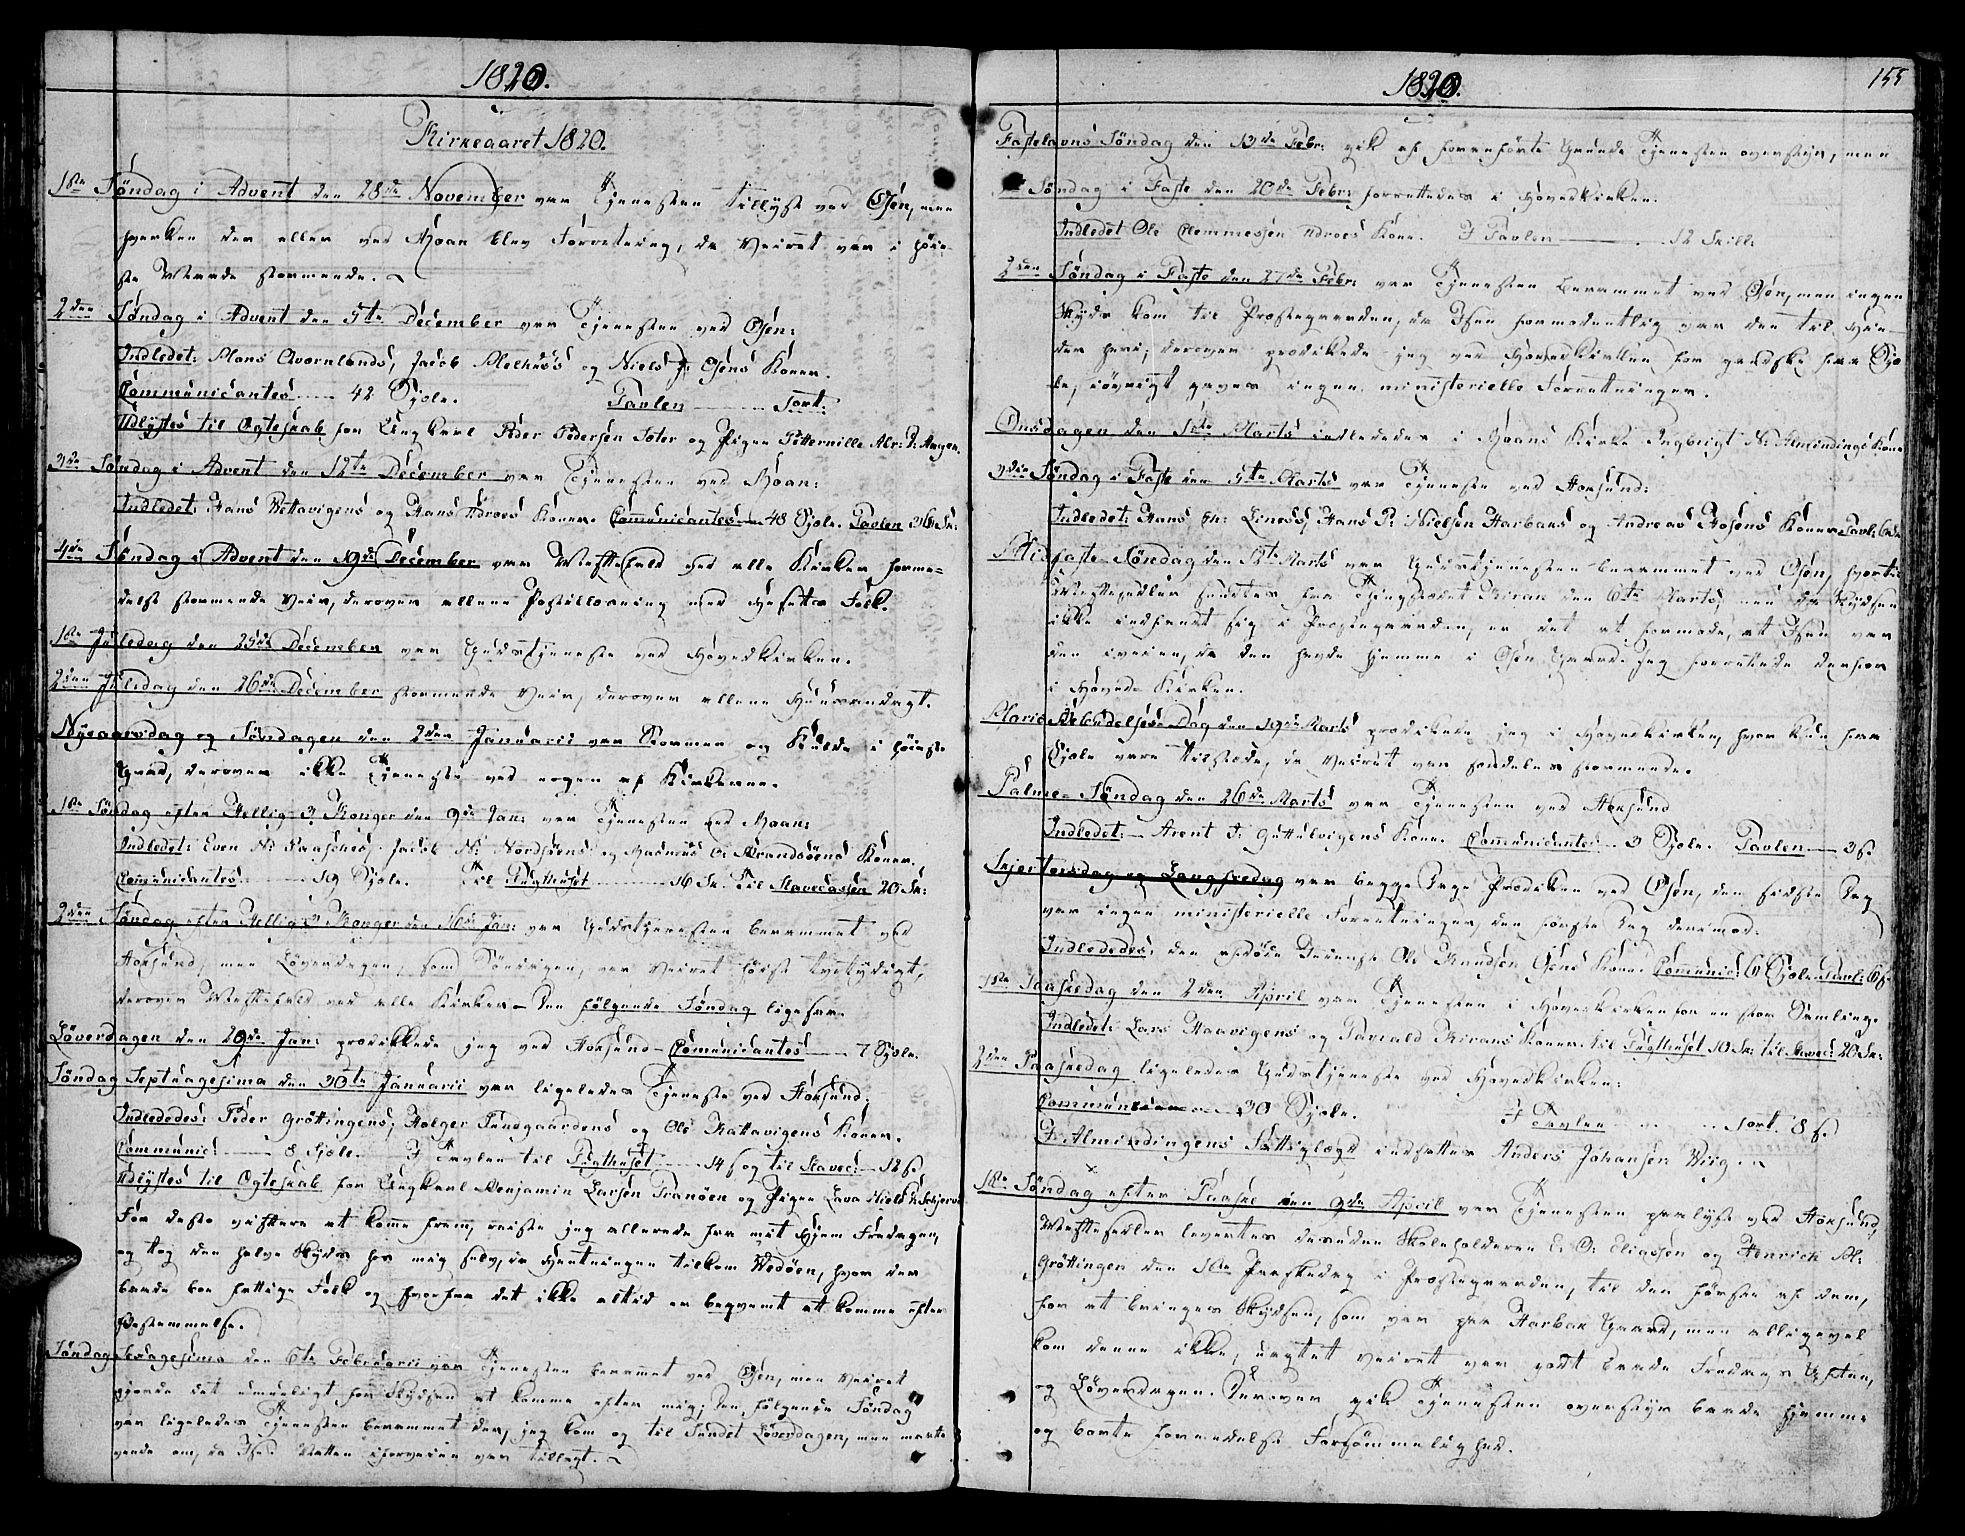 SAT, Ministerialprotokoller, klokkerbøker og fødselsregistre - Sør-Trøndelag, 657/L0701: Ministerialbok nr. 657A02, 1802-1831, s. 155